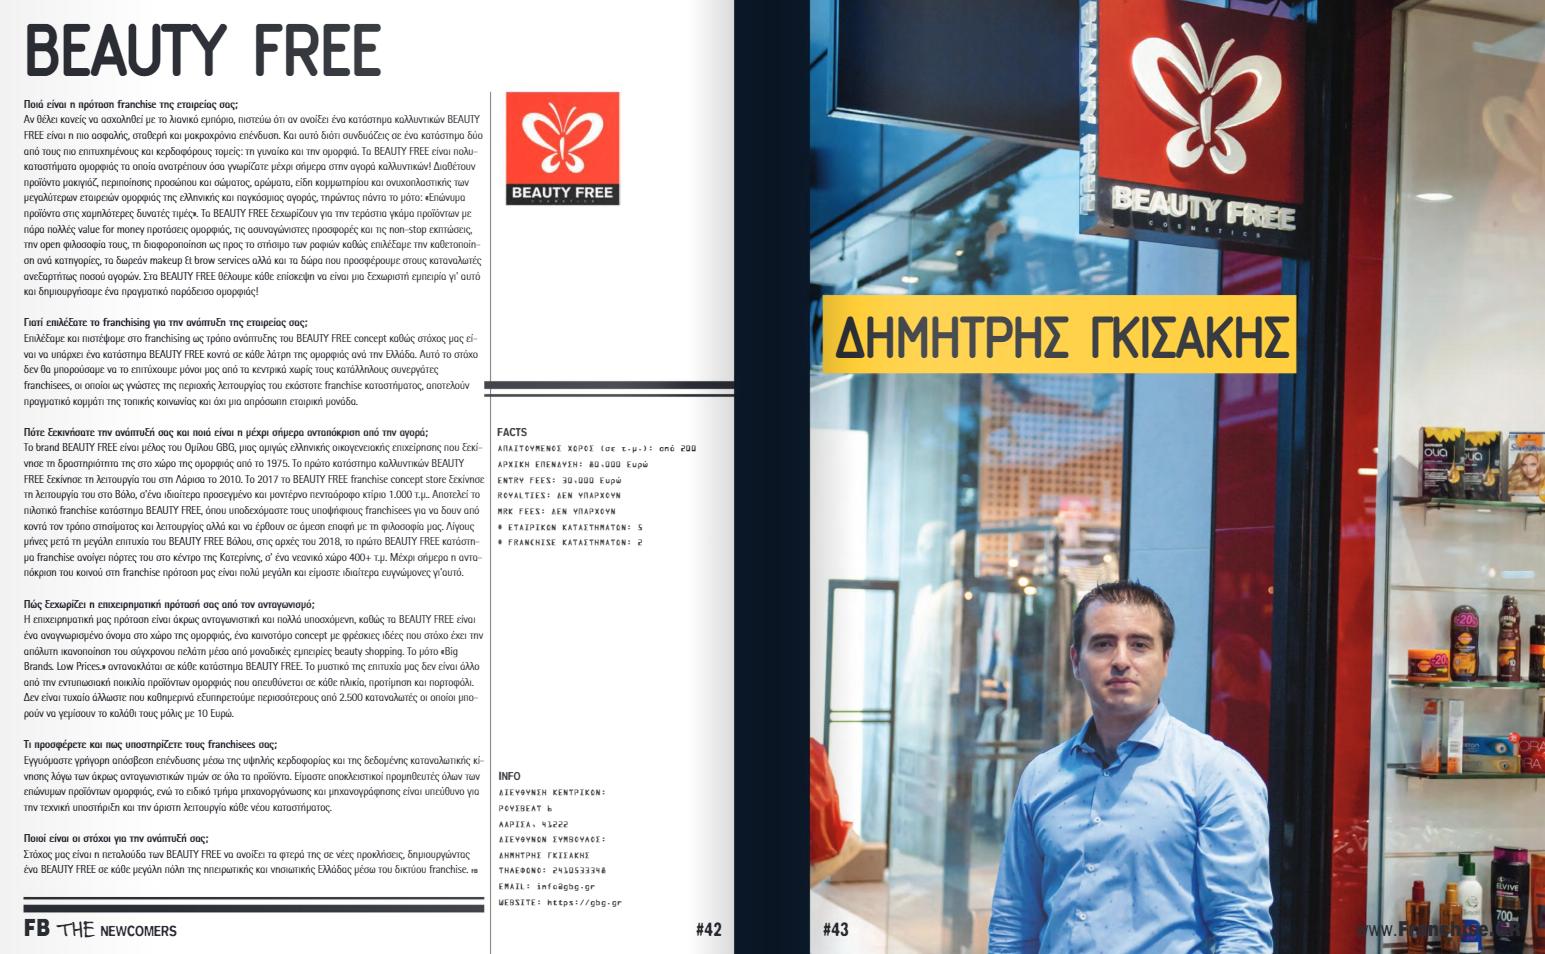 Δημήτρης Γκισάκης: Τα BEAUTY FREE ανατρέπουν όσα γνωρίζατε μέχρι σήμερα στην αγορά καλλυντικών